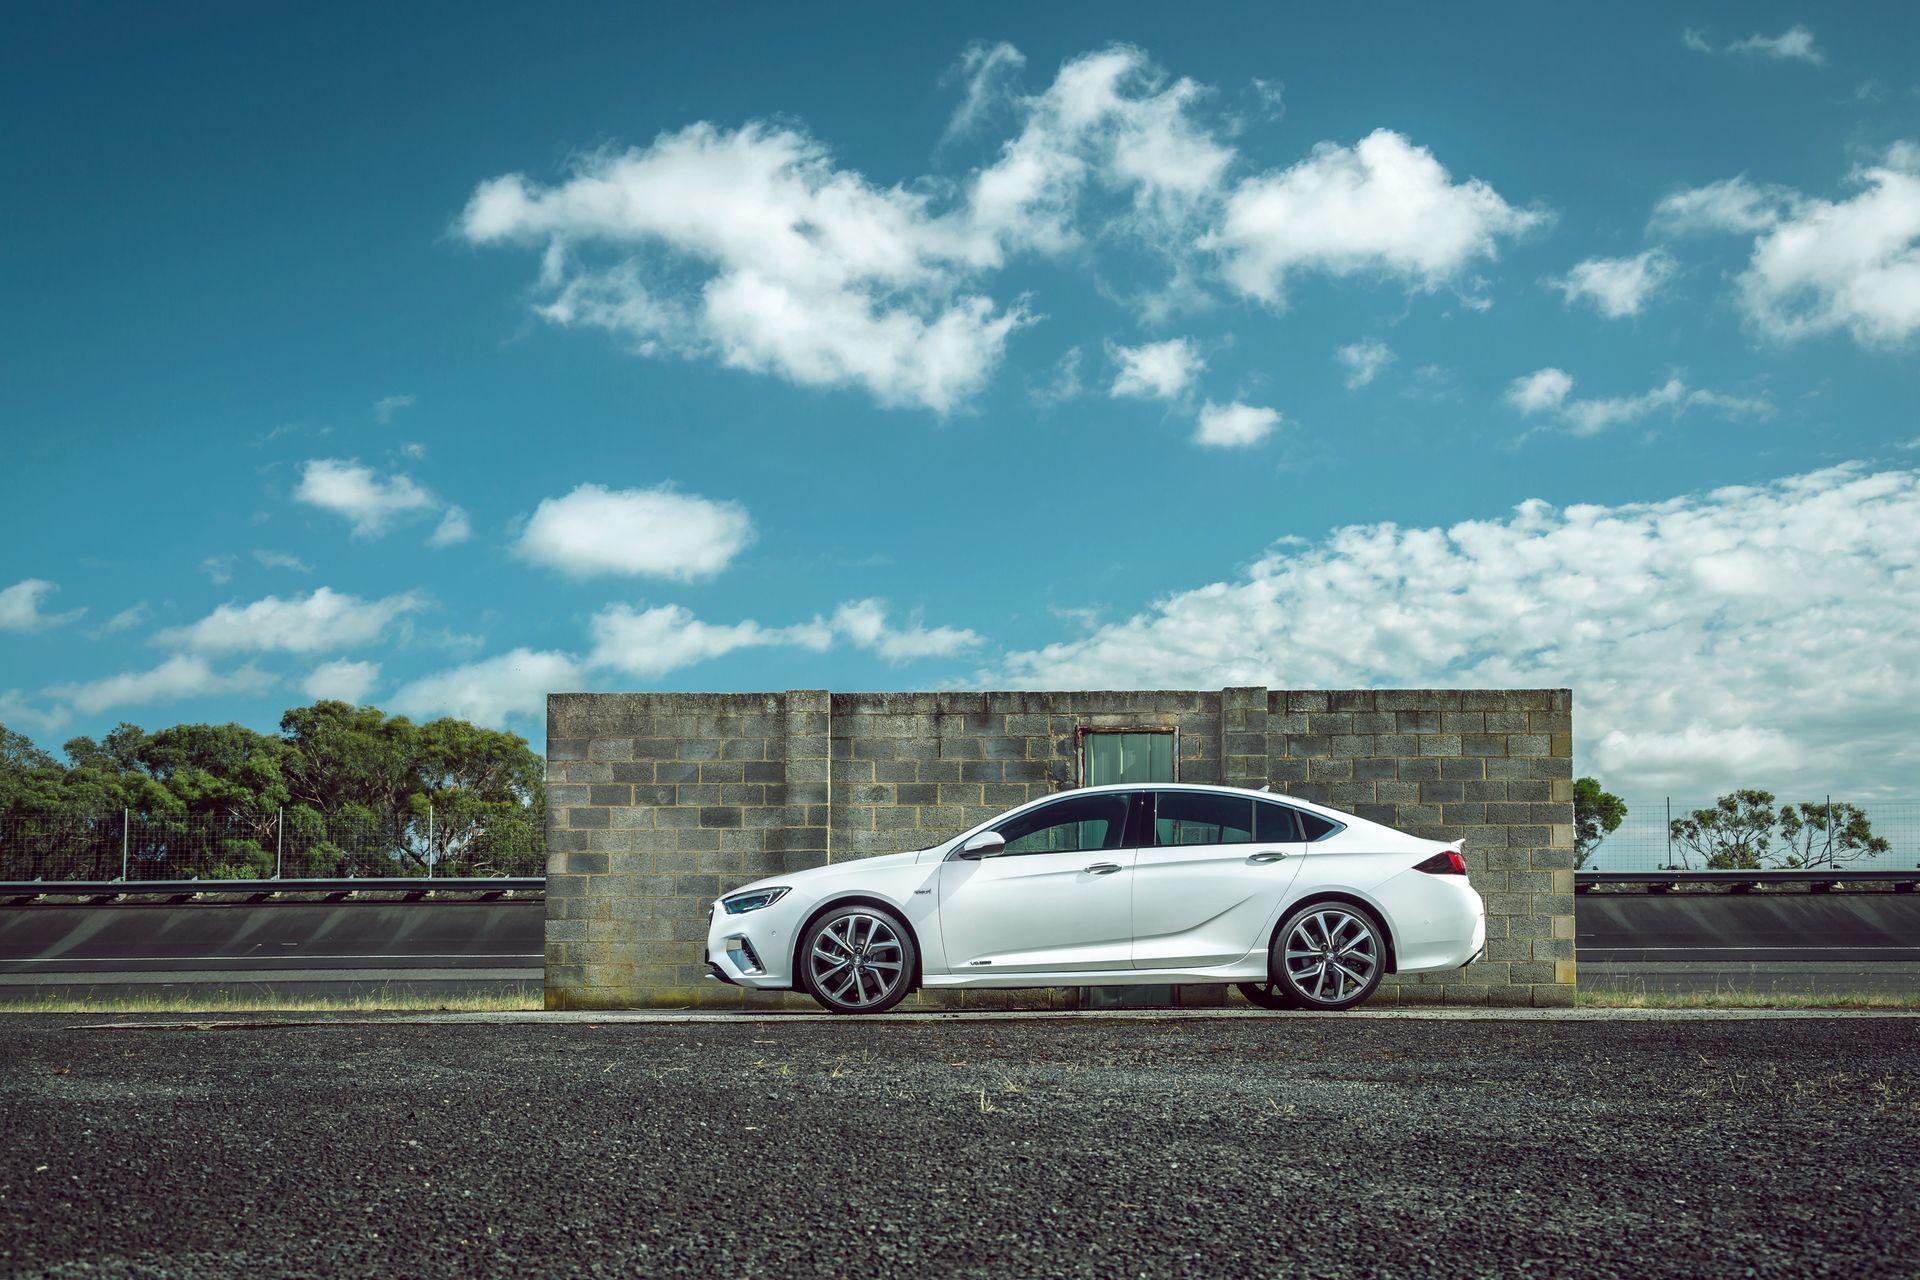 Opel Insignia V6 8